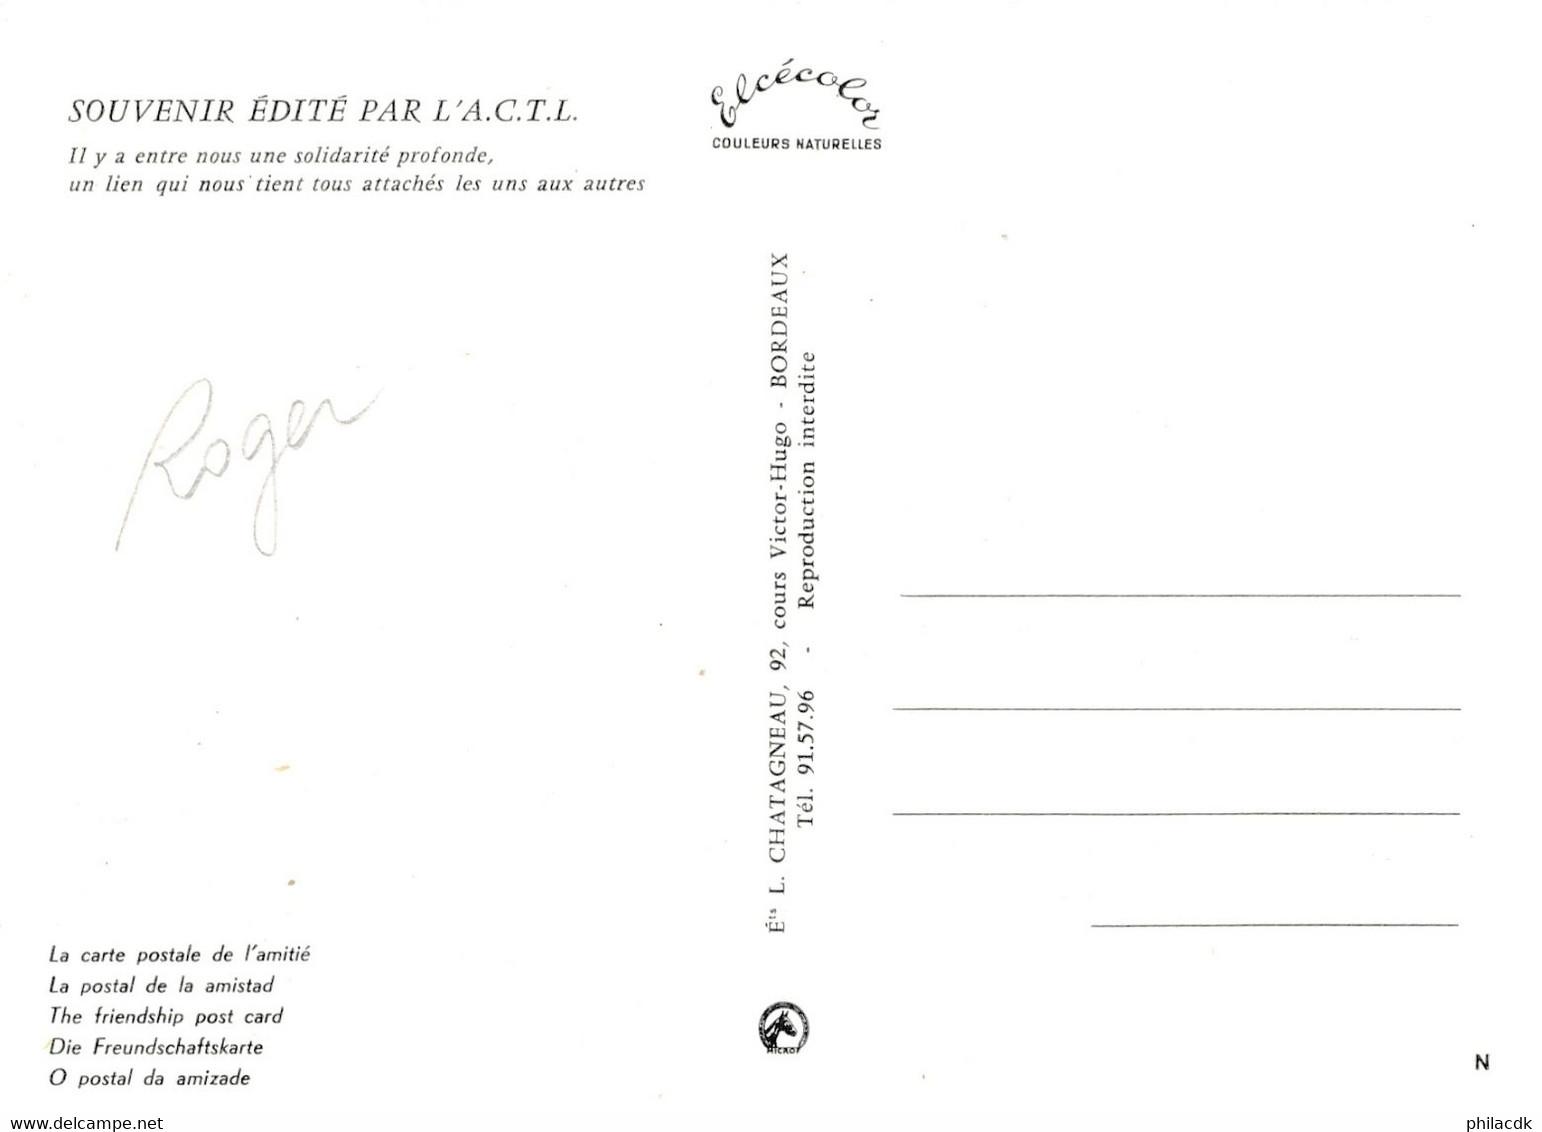 GENERAL DE GAULLE - LOT DE 34 CARTES/ENVELOPPES THEME GENERAL DE GAULLE ET 2EME GUERRE MONDIALE 68 SCANNS RECTO VERSO - De Gaulle (General)